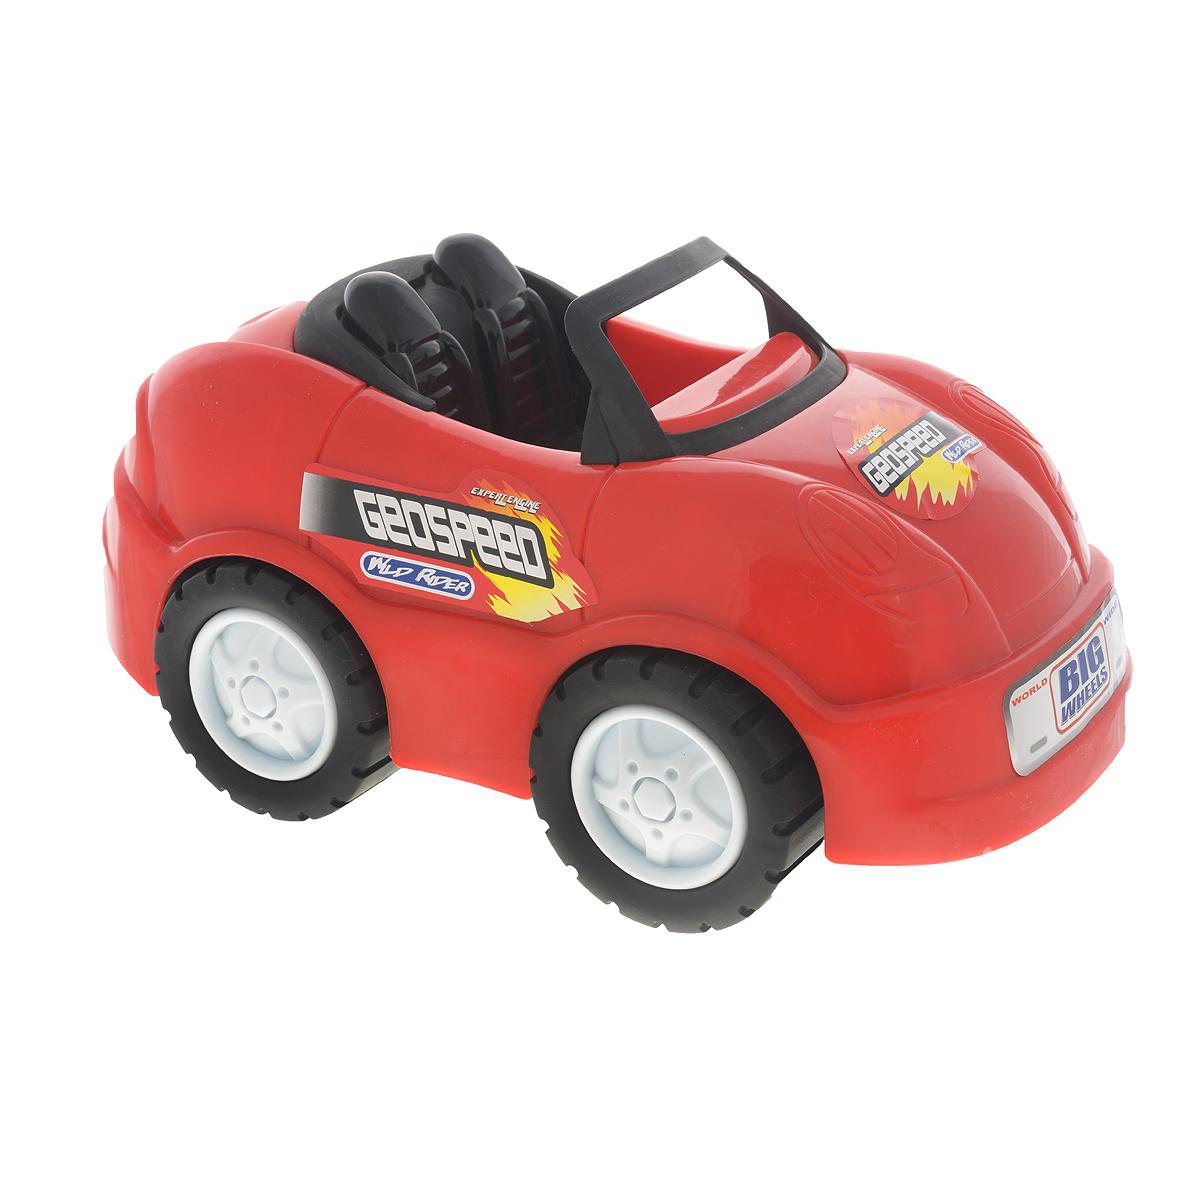 Keenway Машинка Big Wheels цвет красный12815Машинка Keenway Big Wheels обязательно понравится вашему малышу. Она привлечет внимание вашего ребенка и надолго останется его любимой игрушкой. Игрушка выполнена из яркого безопасного пластика в виде машинки-кабриолета. В салон можно посадить несколько небольших игрушек. Колеса машинки вращаются. Игрушка развивает концентрацию внимания, координацию движений, мелкую моторику рук, цветовое восприятие и воображение. Малыш будет в восторге от такого подарка!